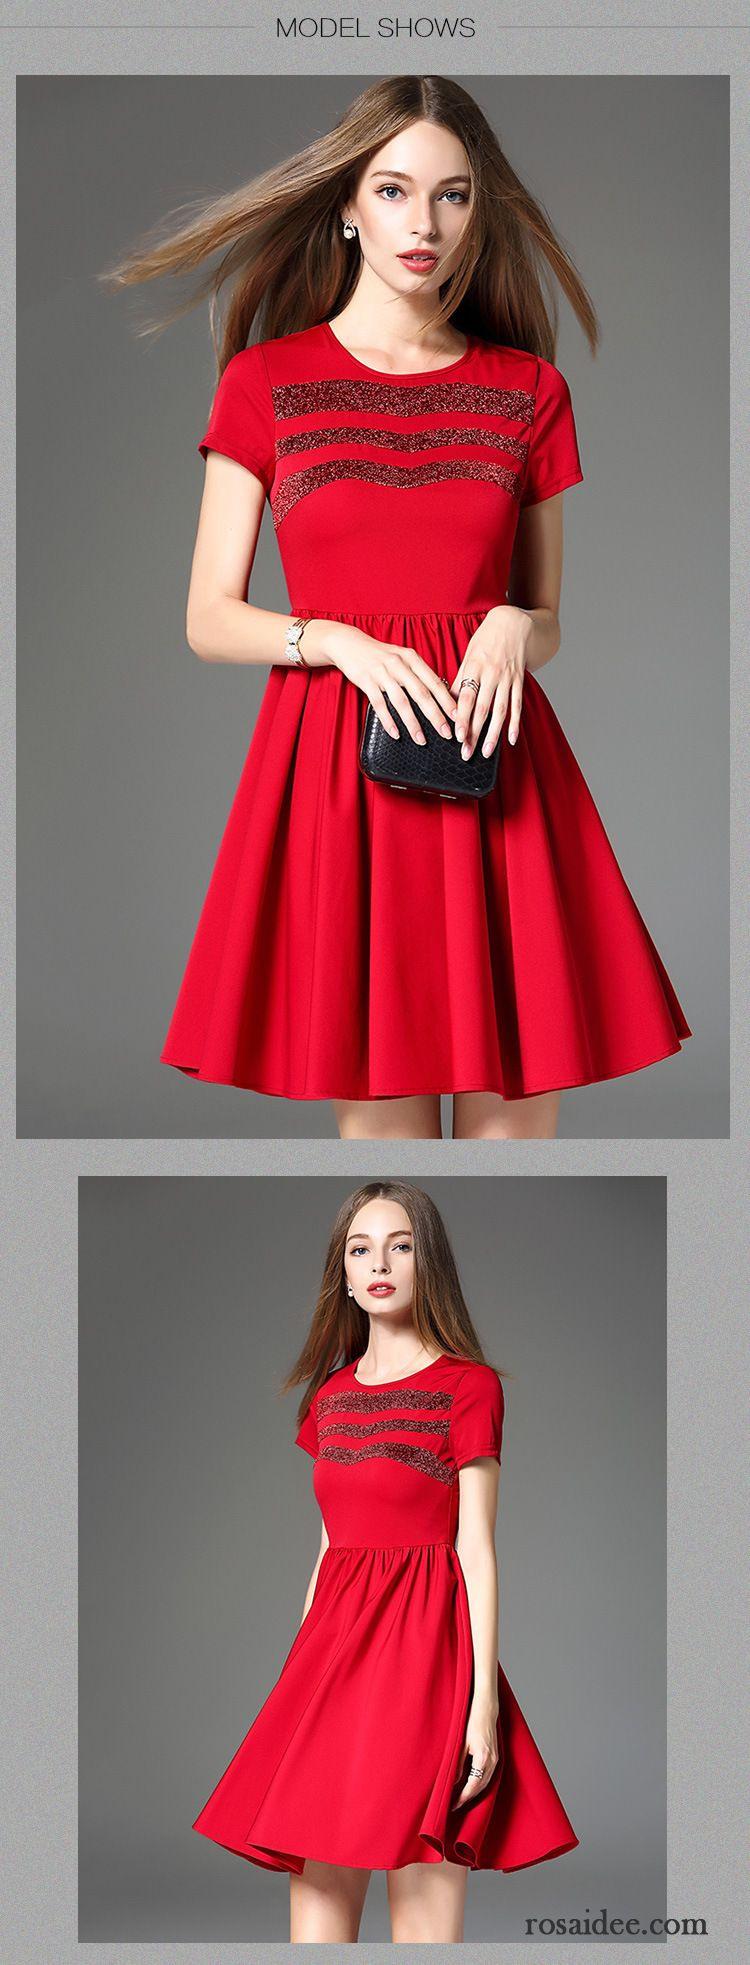 Damen Sommerkleider Lang Marke Herbst Schönheit Neu Rote